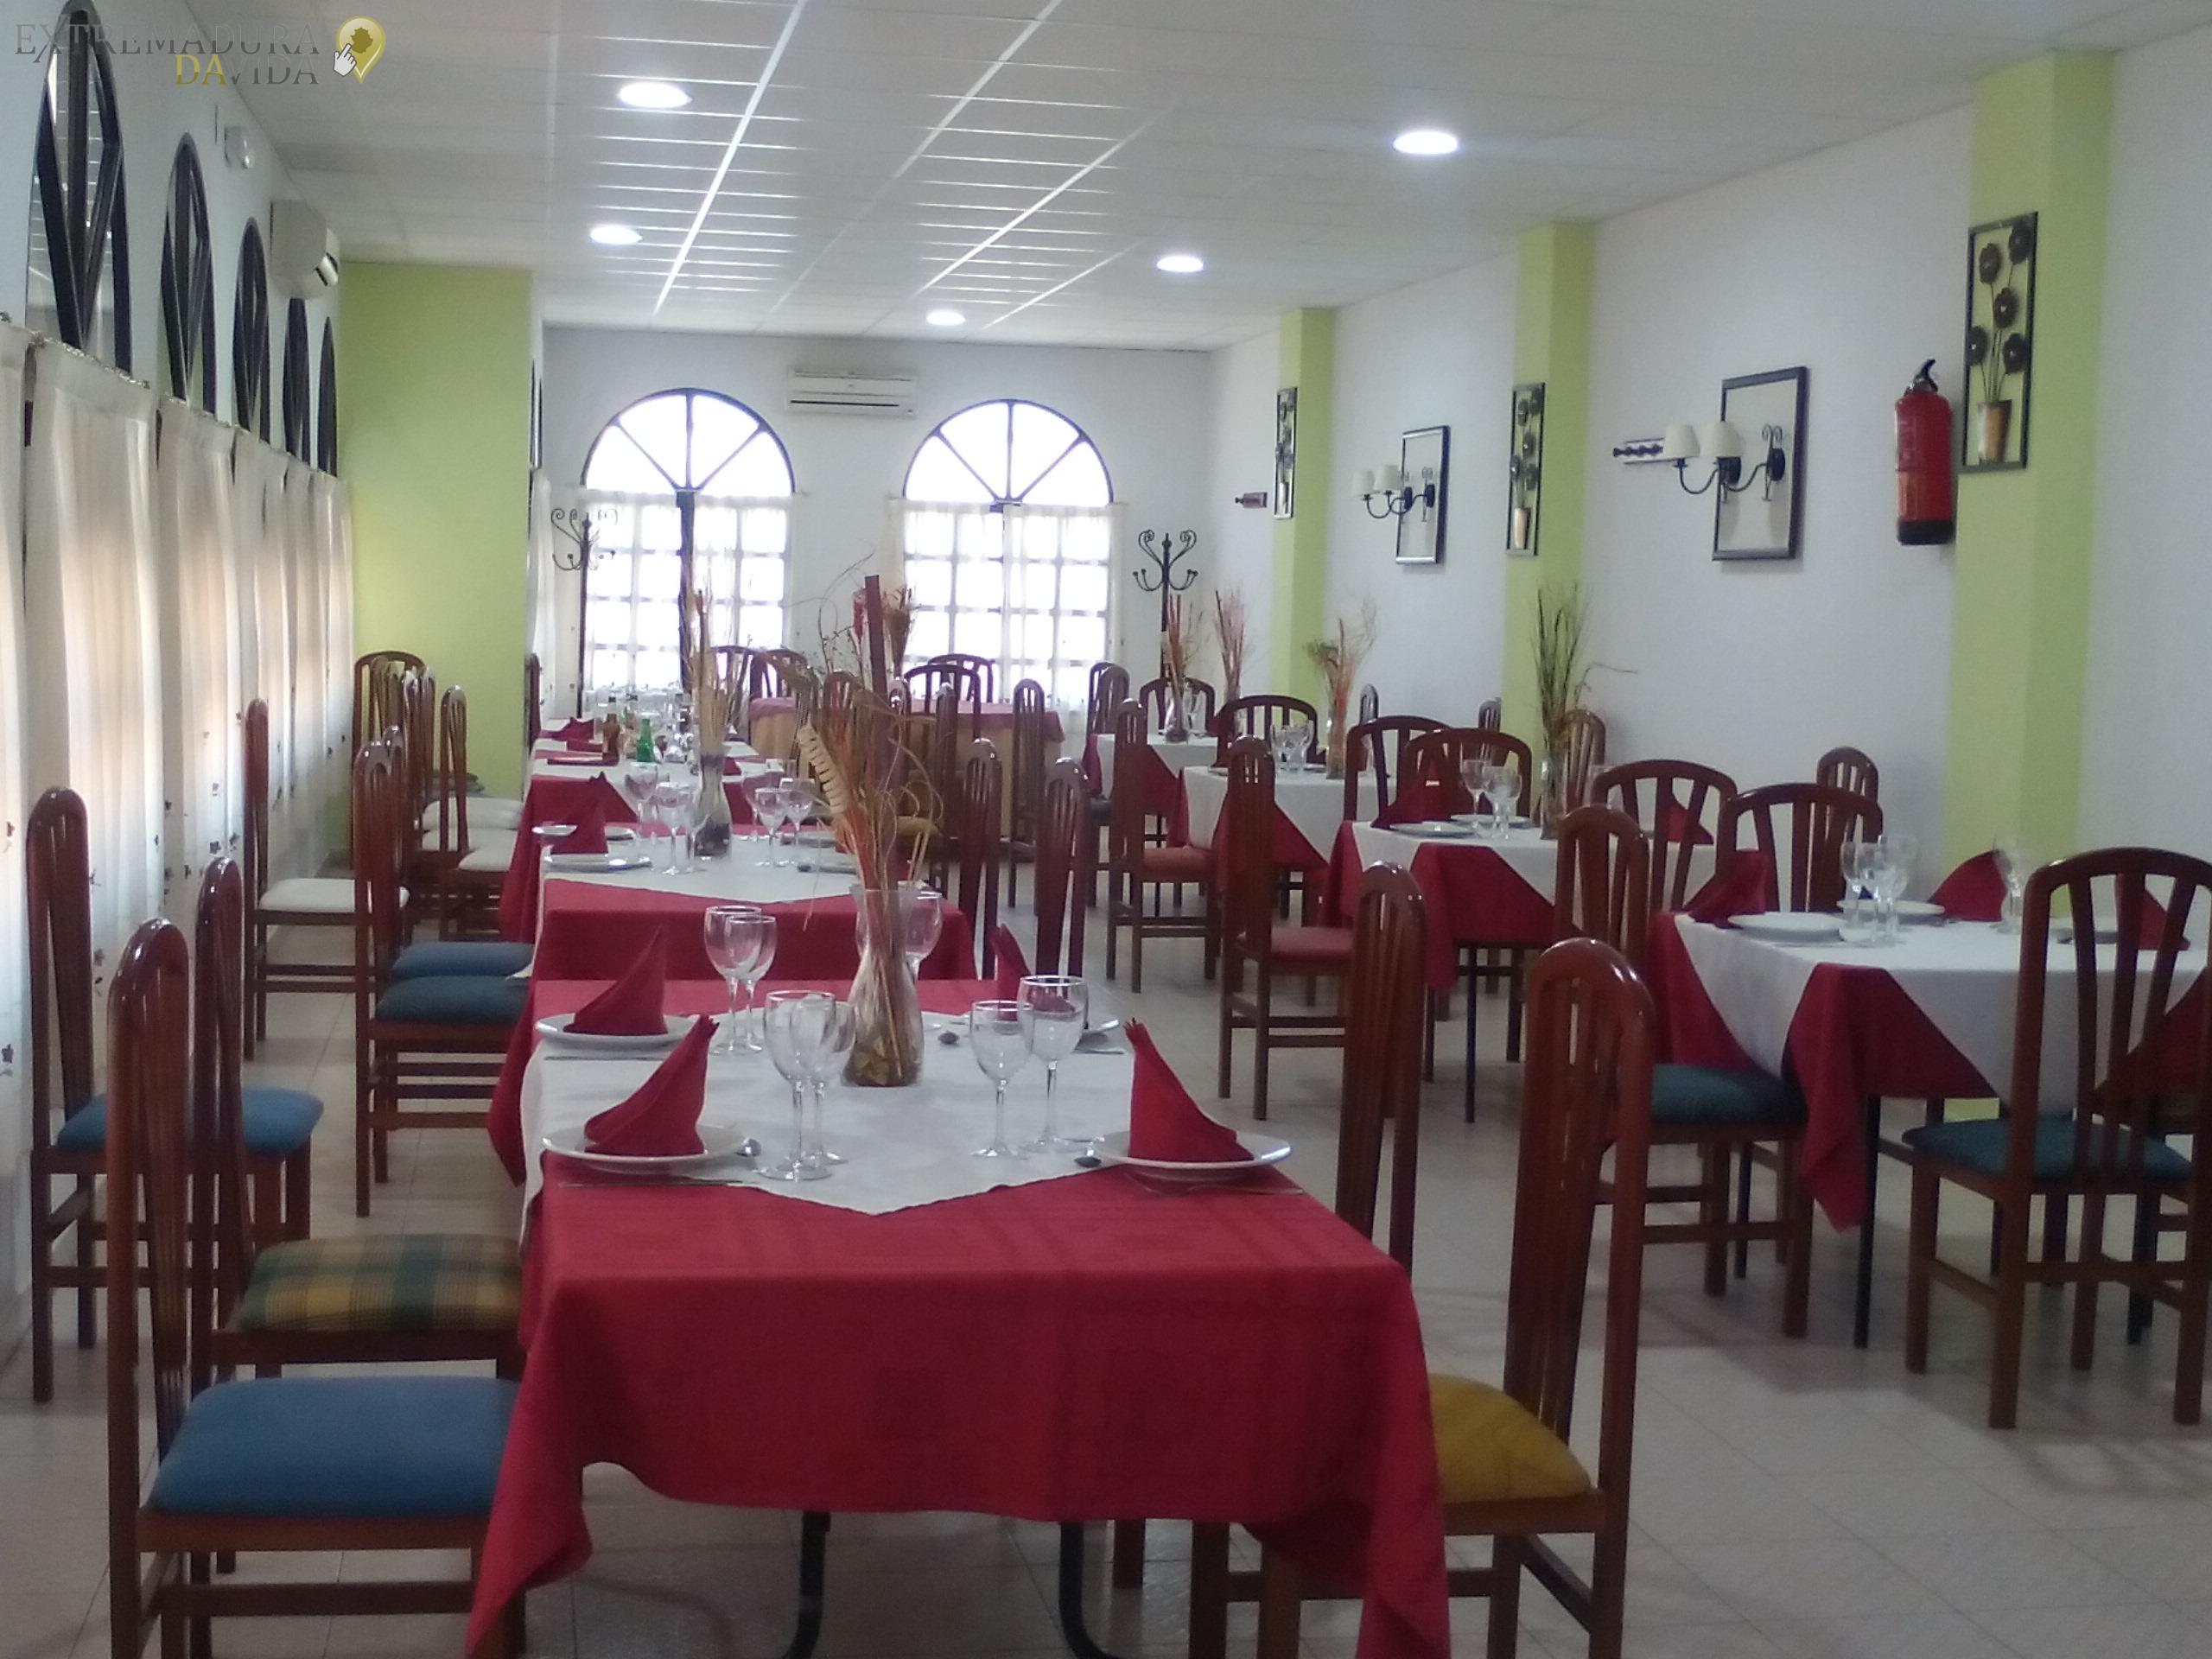 RESTAURANTE CAFETERIA EN VILLAFRANCA DE LOS BARROS LOS ARCOS